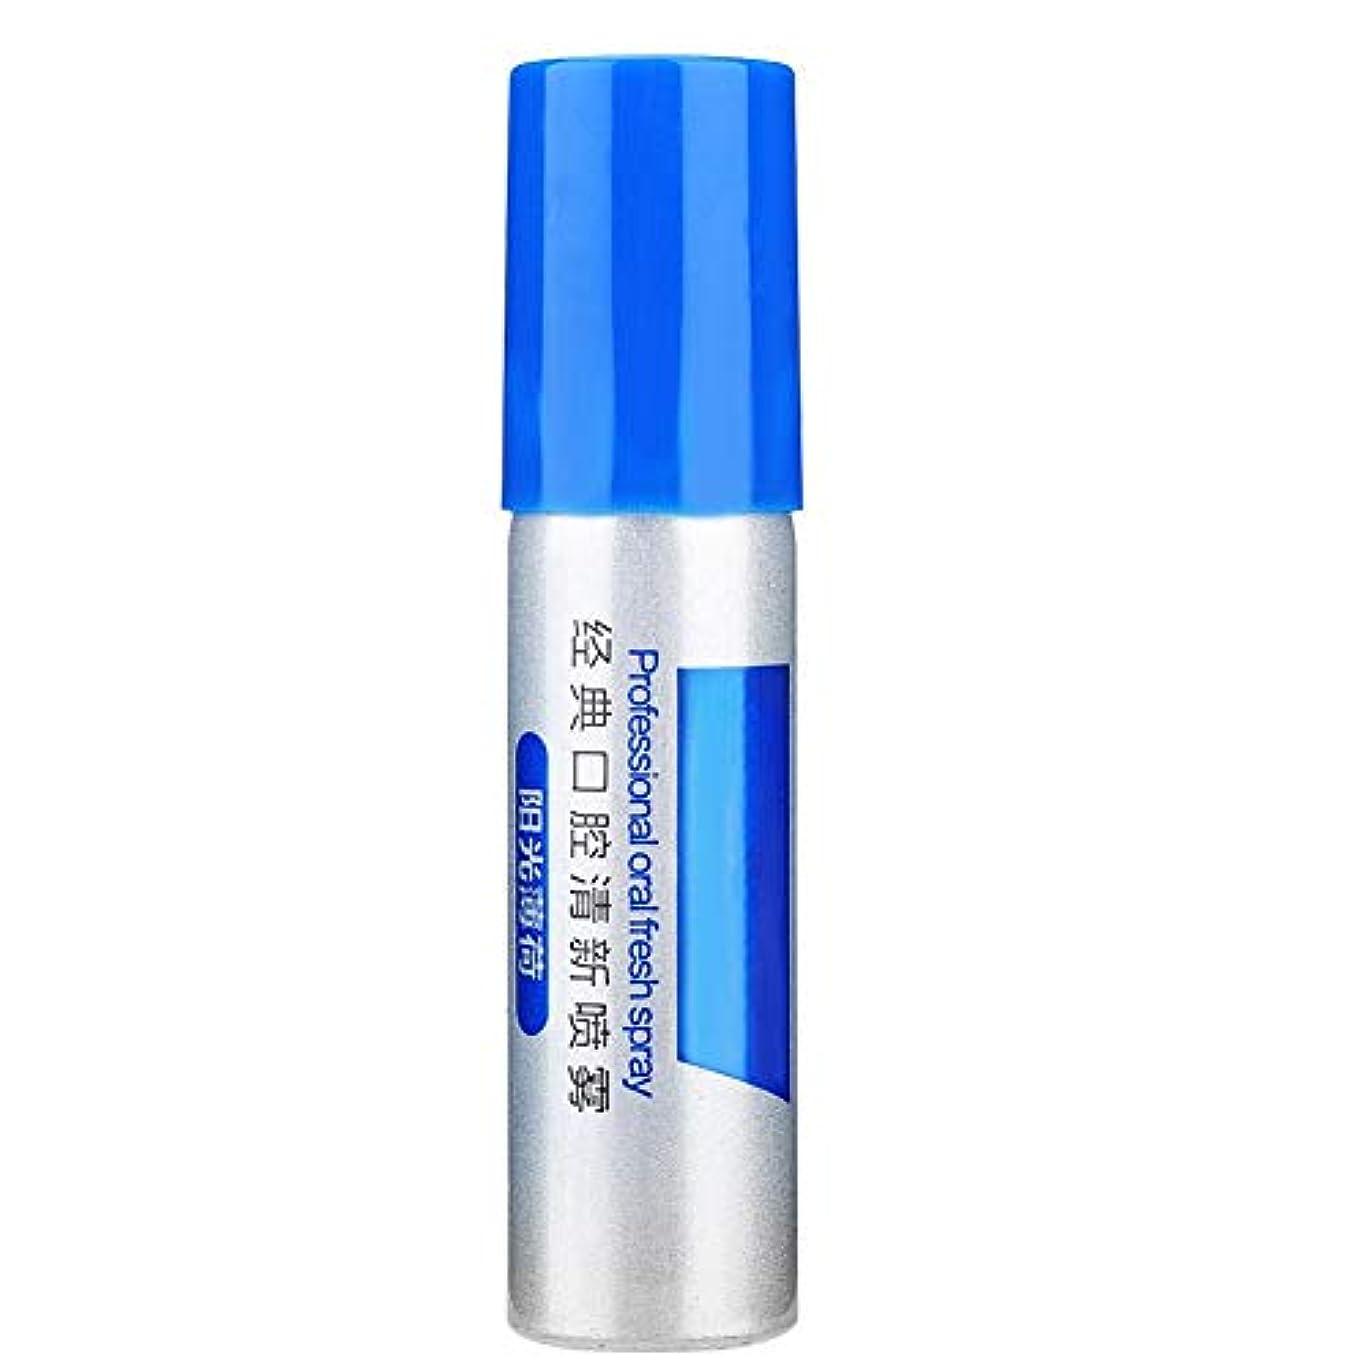 マトリックスディスパッチ一緒口腔ケアクリーナー、持続性のあるタイプのフレッシュナーは、喫煙またはニンニクを食べることによって引き起こされる口臭を除去するのに適しています。(#4)